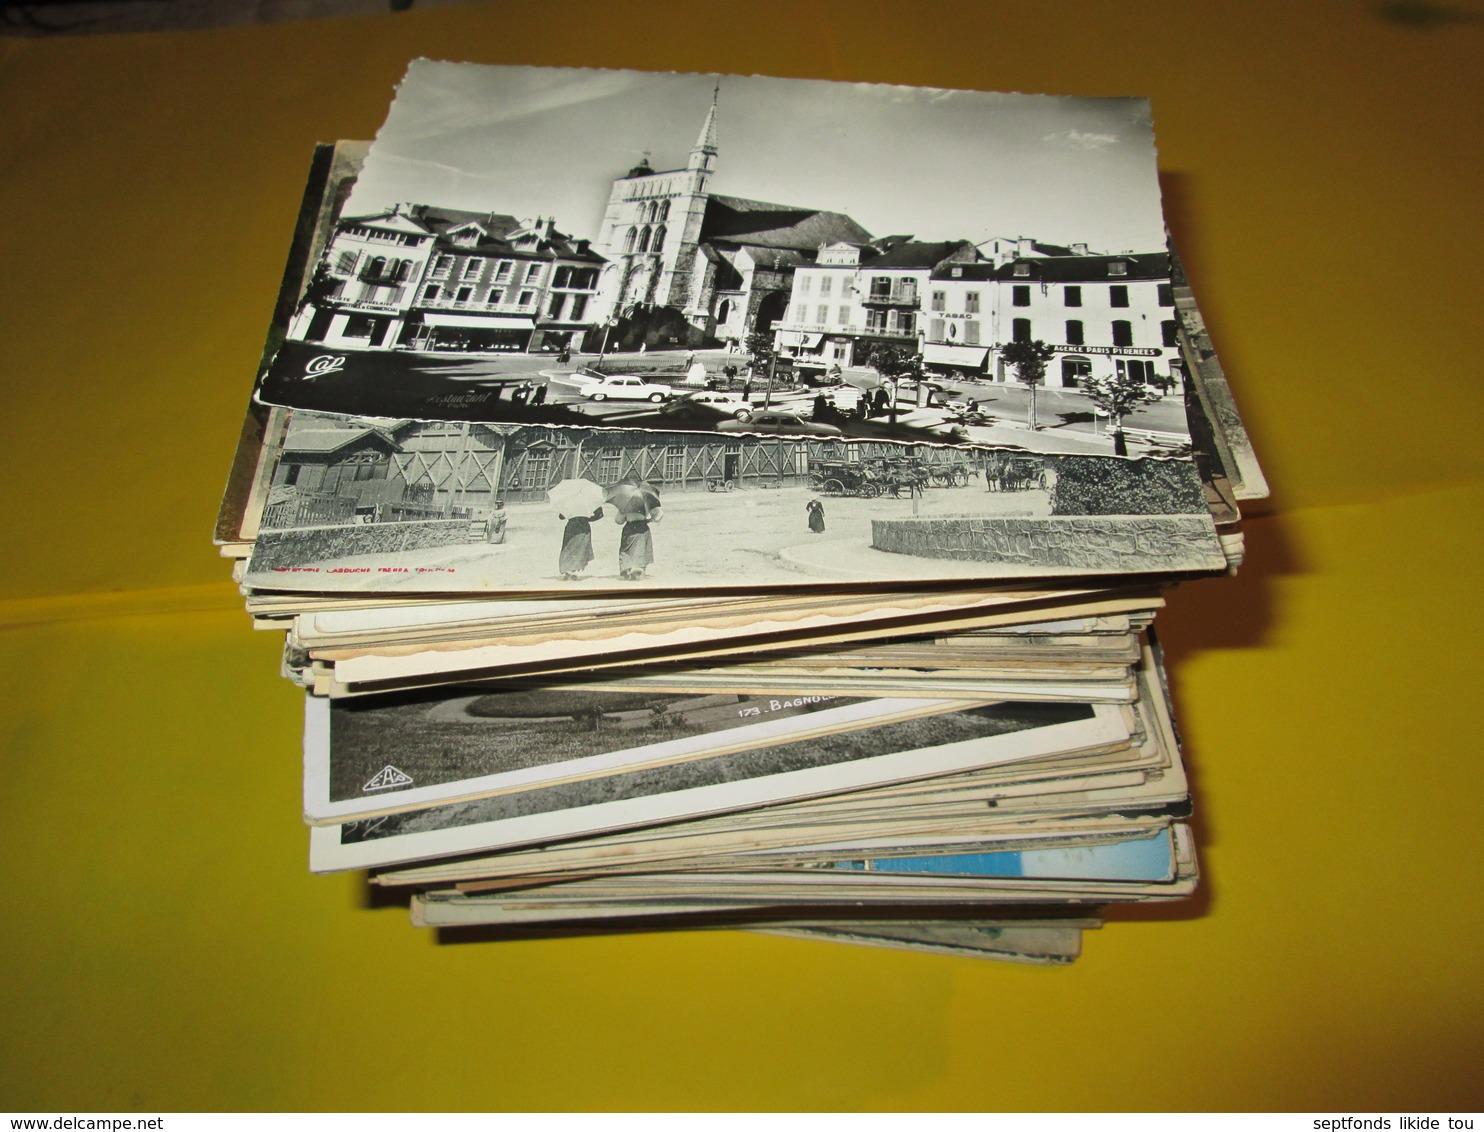 Départ 1 Centime  La CPA ..   Minimum 500 Cartes  Lot N° 8 (arrêt Complet De L'activité) - Postcards